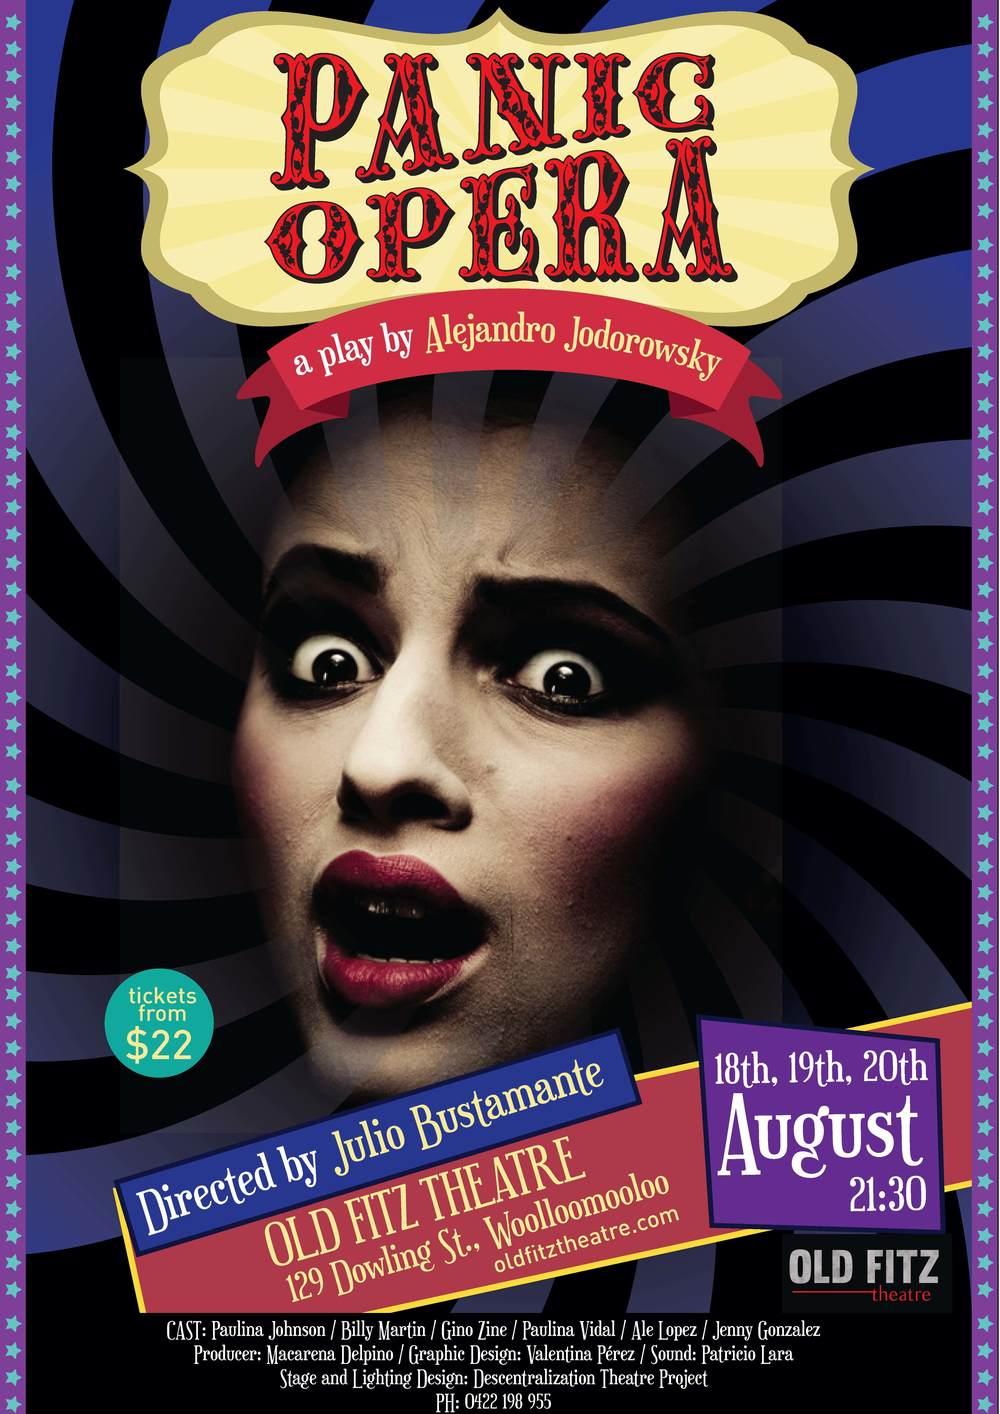 Panic Opera - Poster (2).jpg